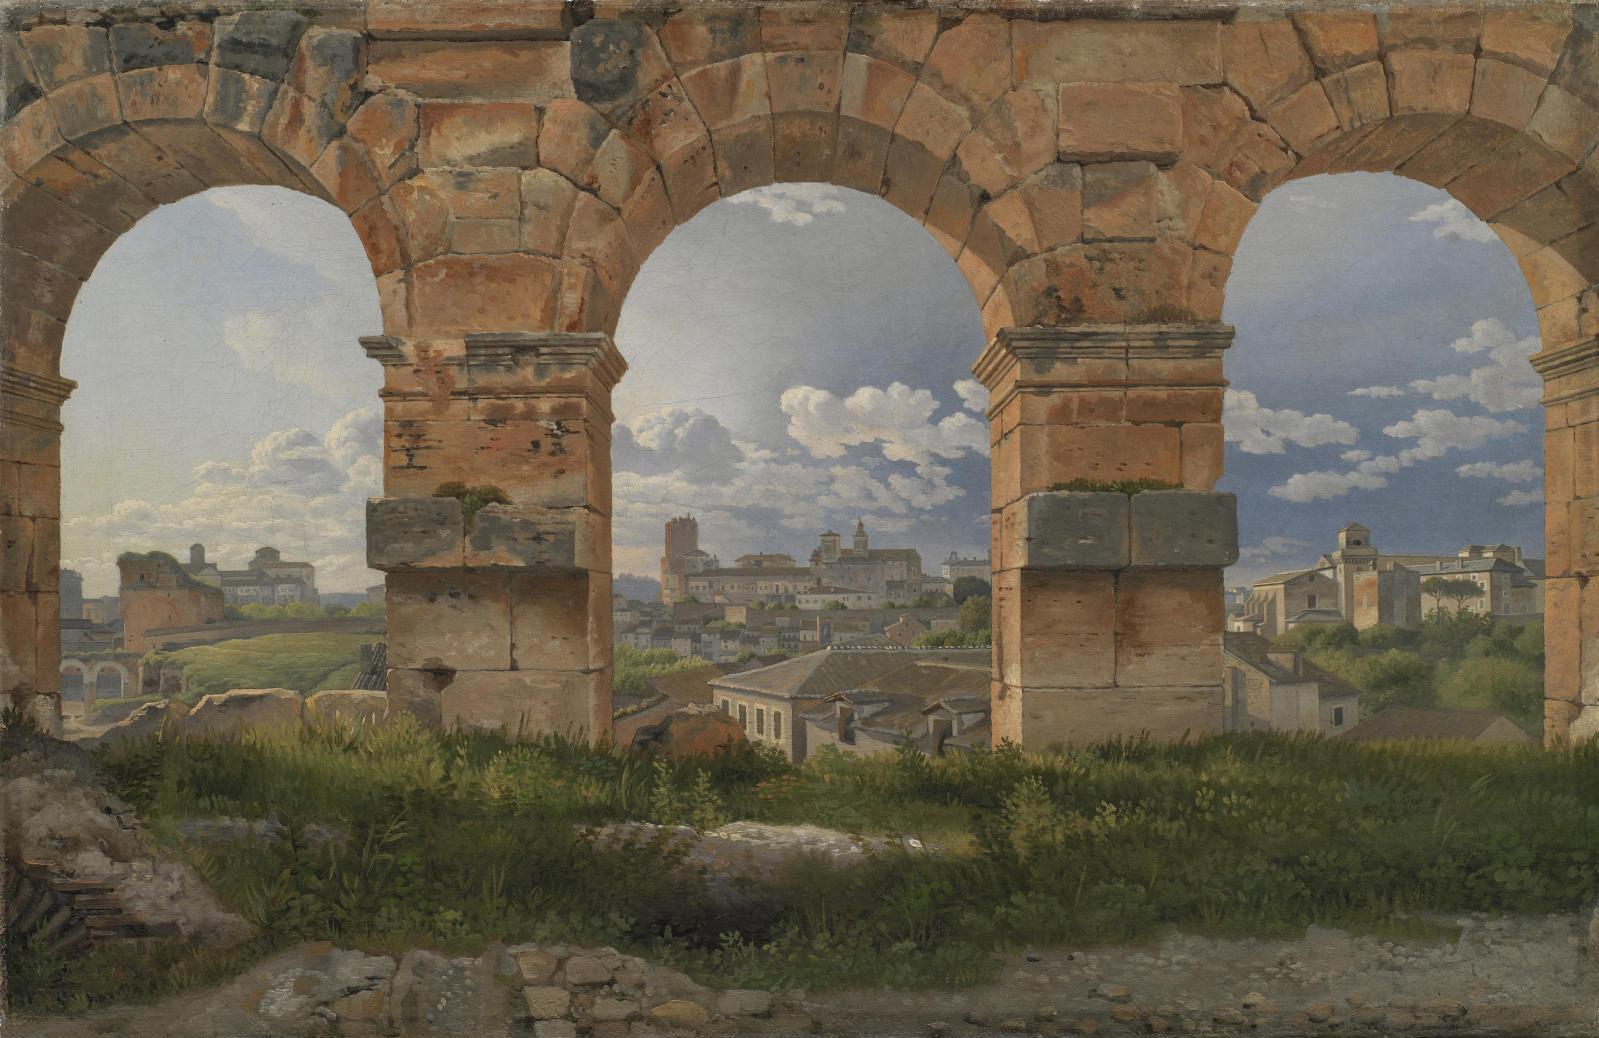 Christoffer Wilhelm Eckersberg, Vue à travers trois arches du Colisée à Rome, 1815, huile sur toile, 32x49,5cm.